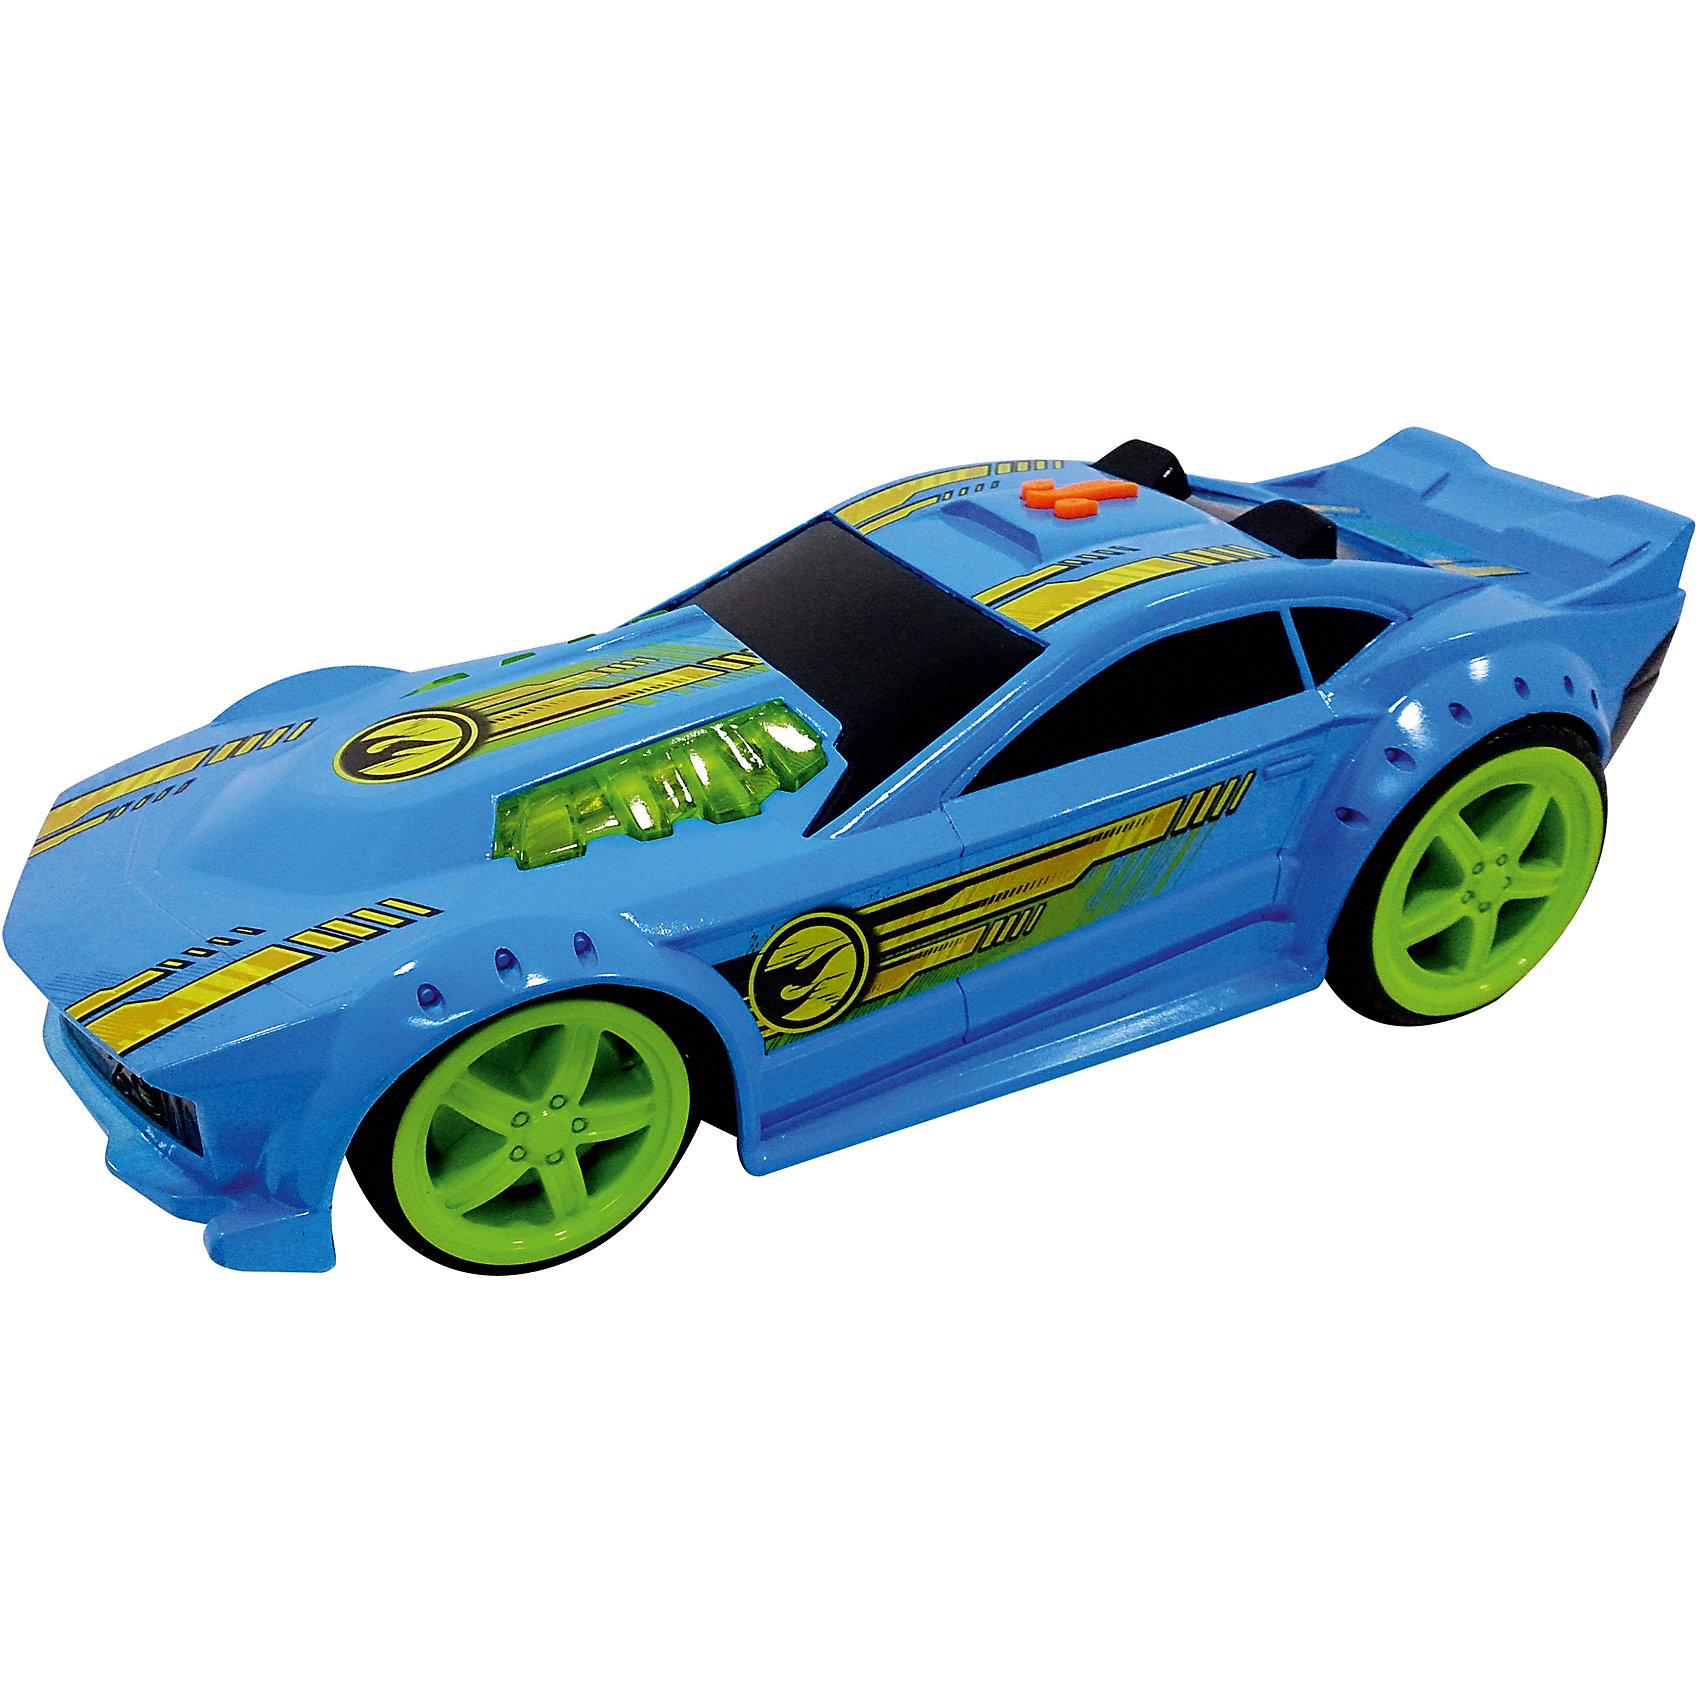 - Машинка на батарейках, синяя, 32,5 см, Hot Wheels врумиз машинка со звуковыми и световыми эффектами спиди врумиз